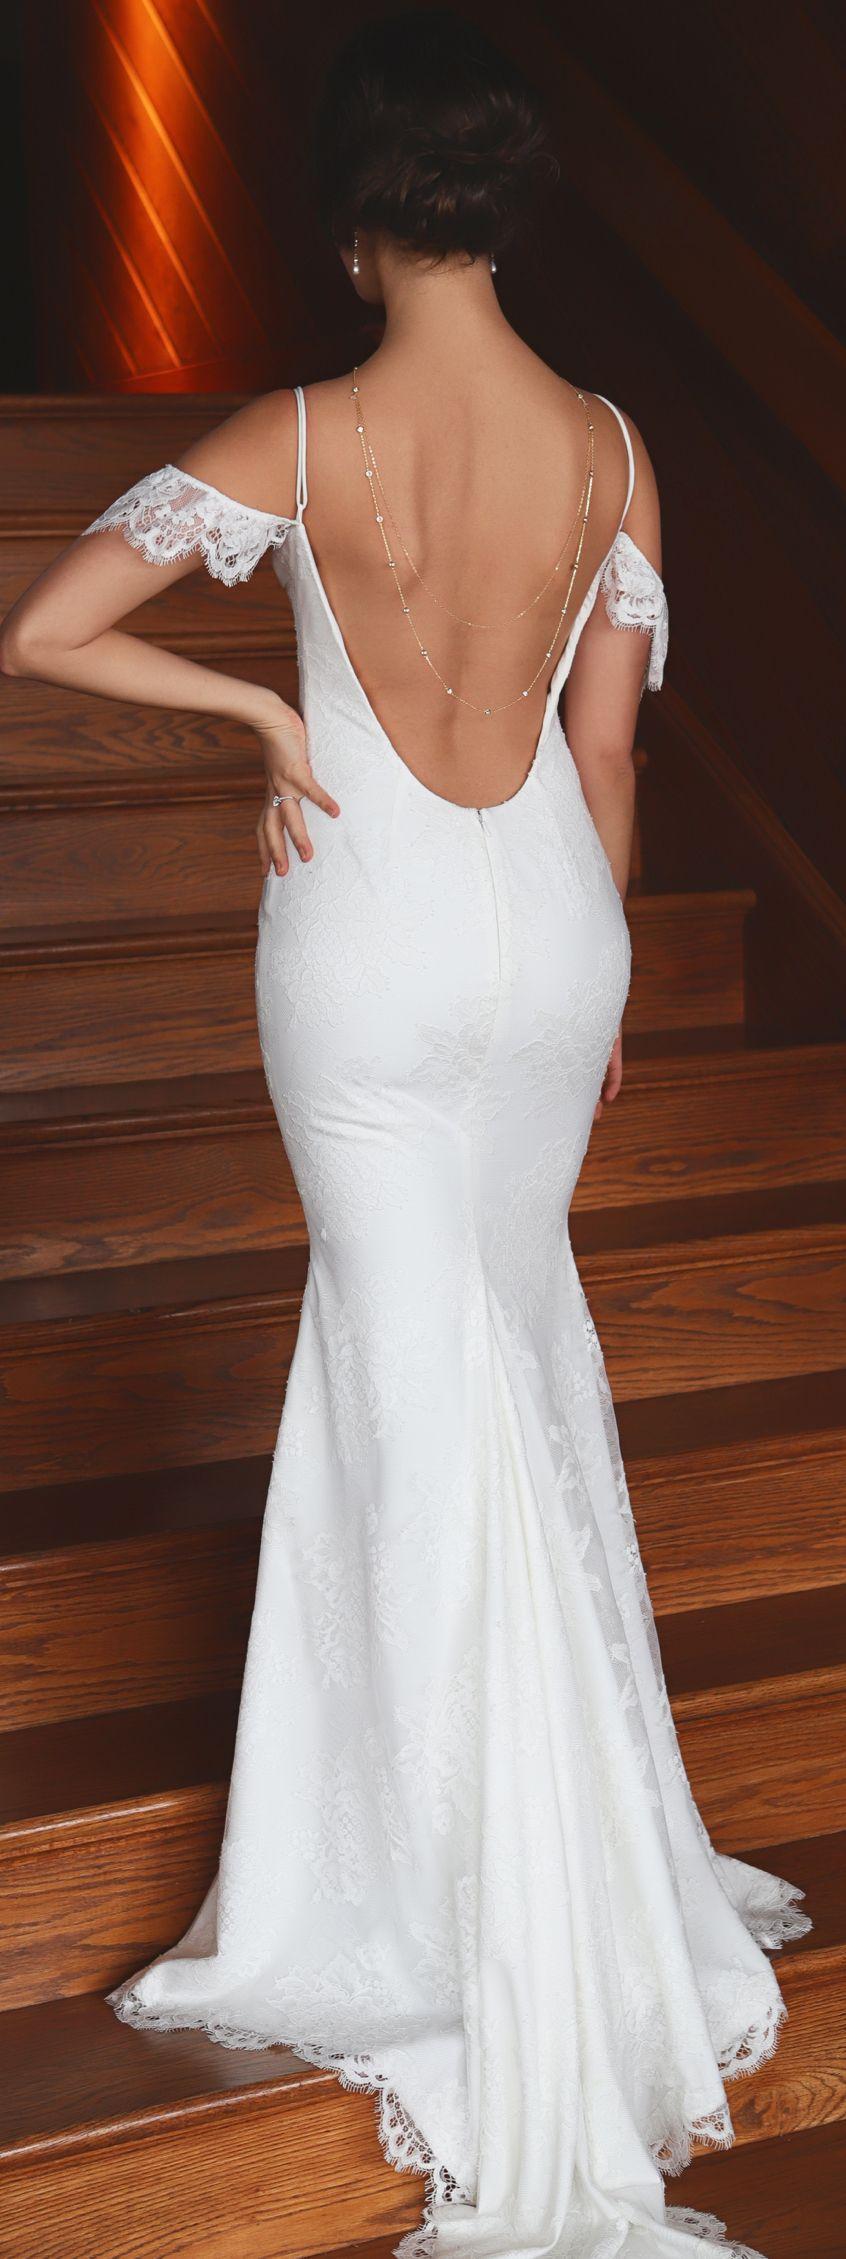 Dakota u crystal back necklace amy o bridal body jewelry